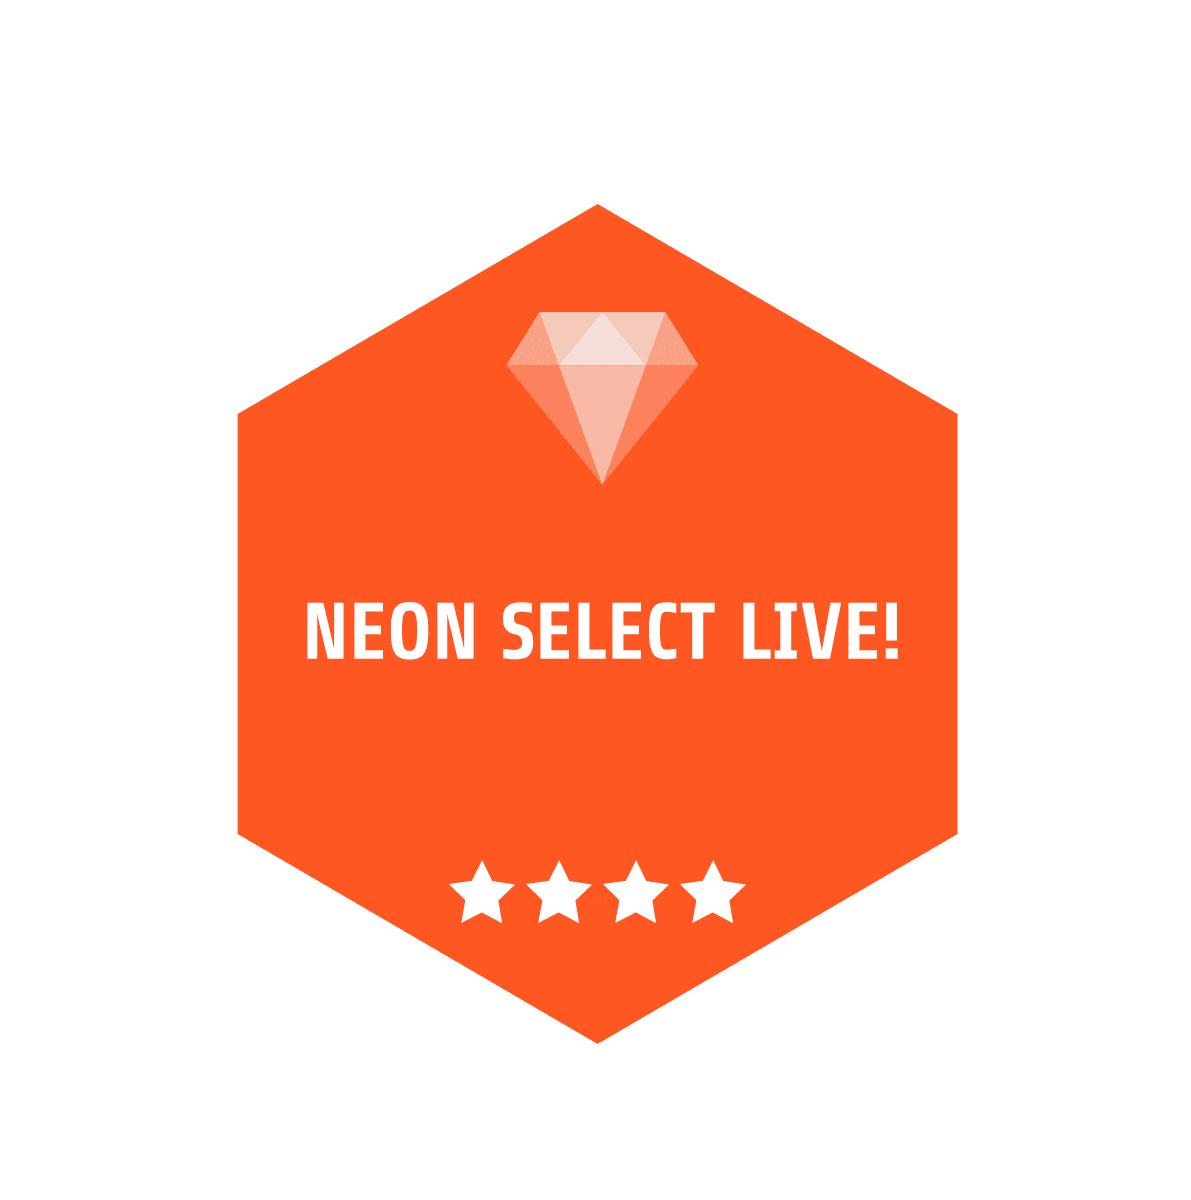 2018年11月18日(日) 『NEON SELECT LIVE!』